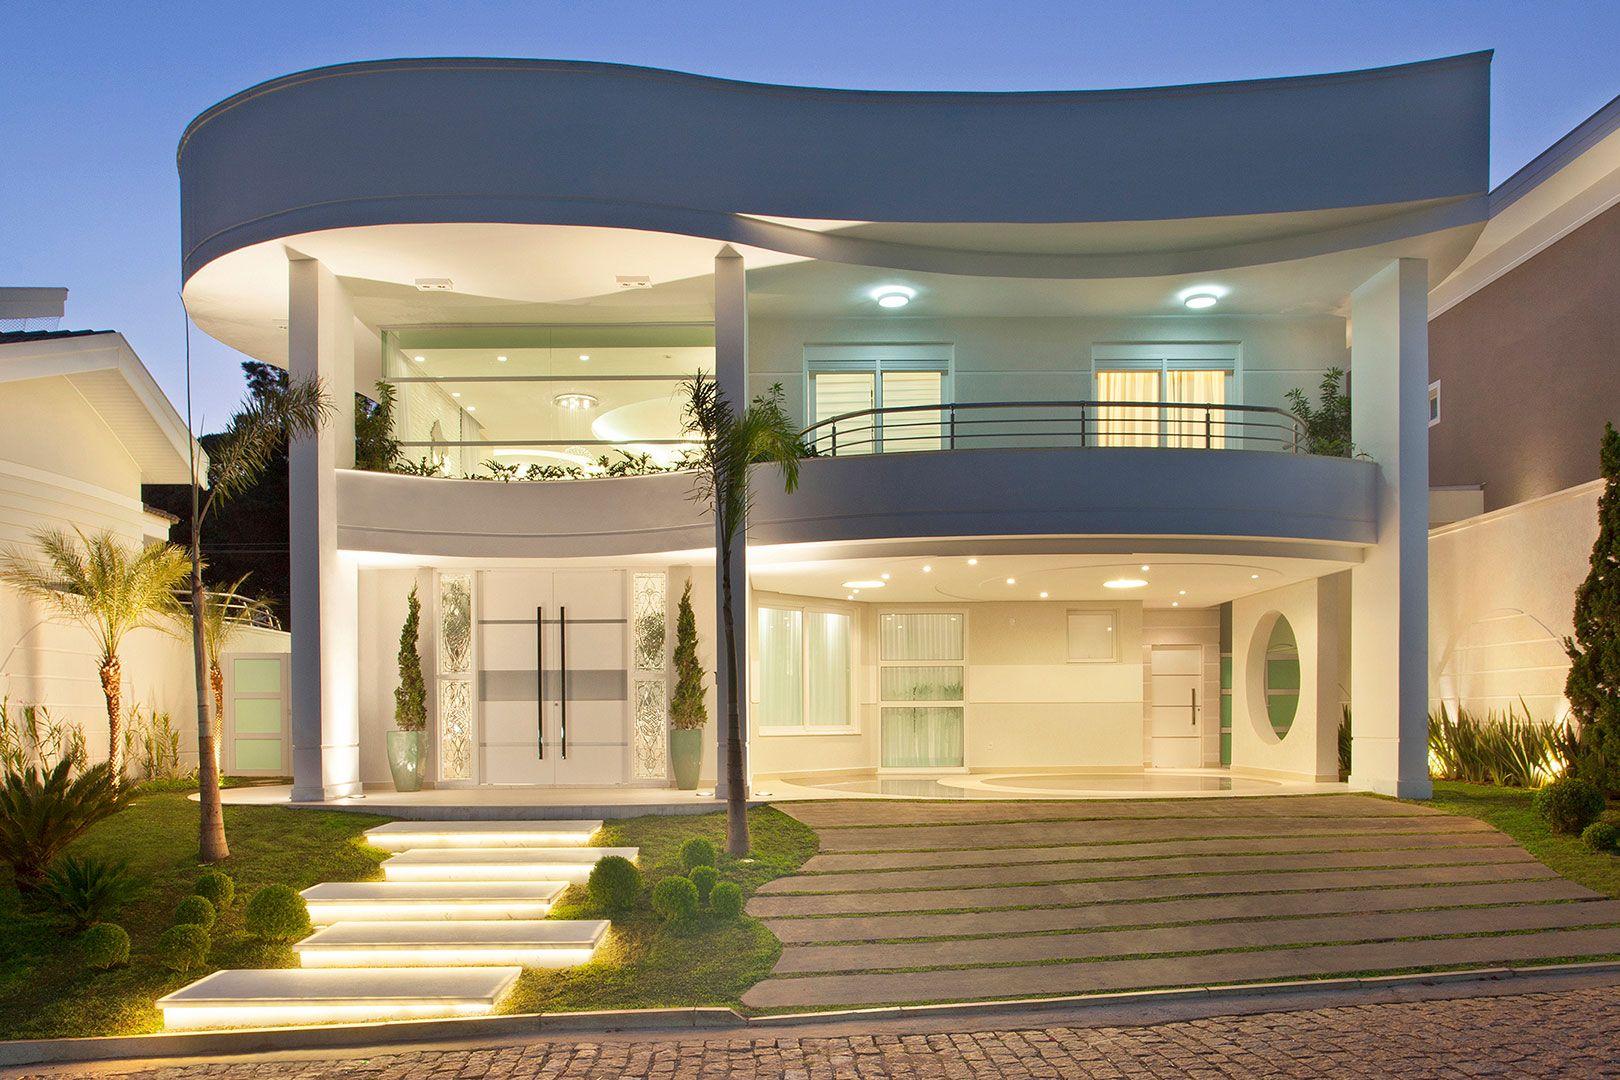 Schönes Leben, Architektur, Wohnkultur Ideen, Hausfassaden, Außenterrasse  Designs, Villa Plan, Traumhaus Design, Moderne Häuser, Großartige Designs